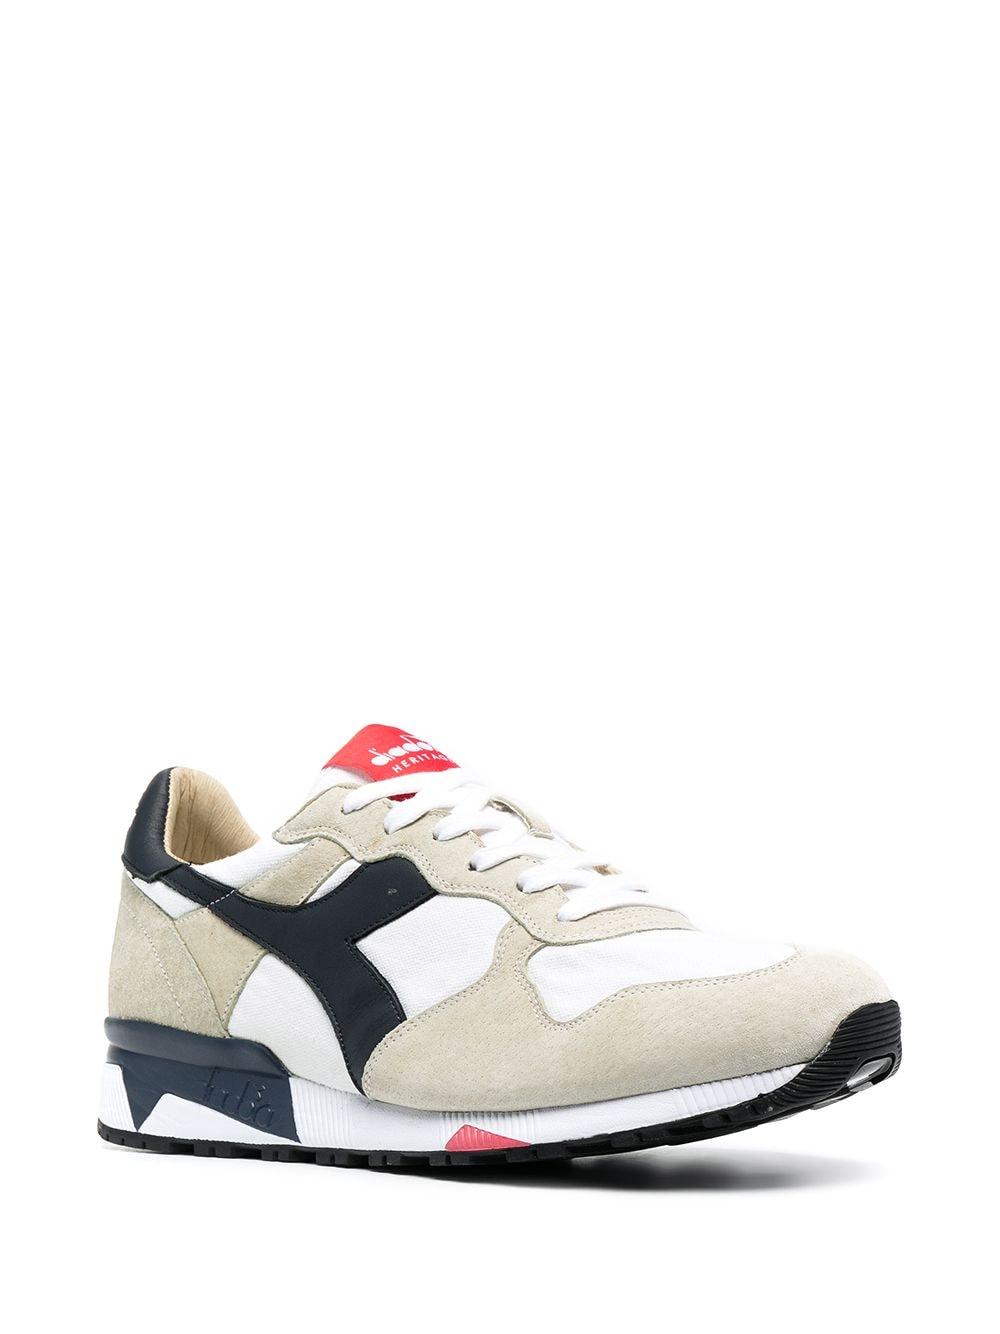 TRIDENT 90 SNEAKERS  DIADORA   Sneakers   201.176281C1494